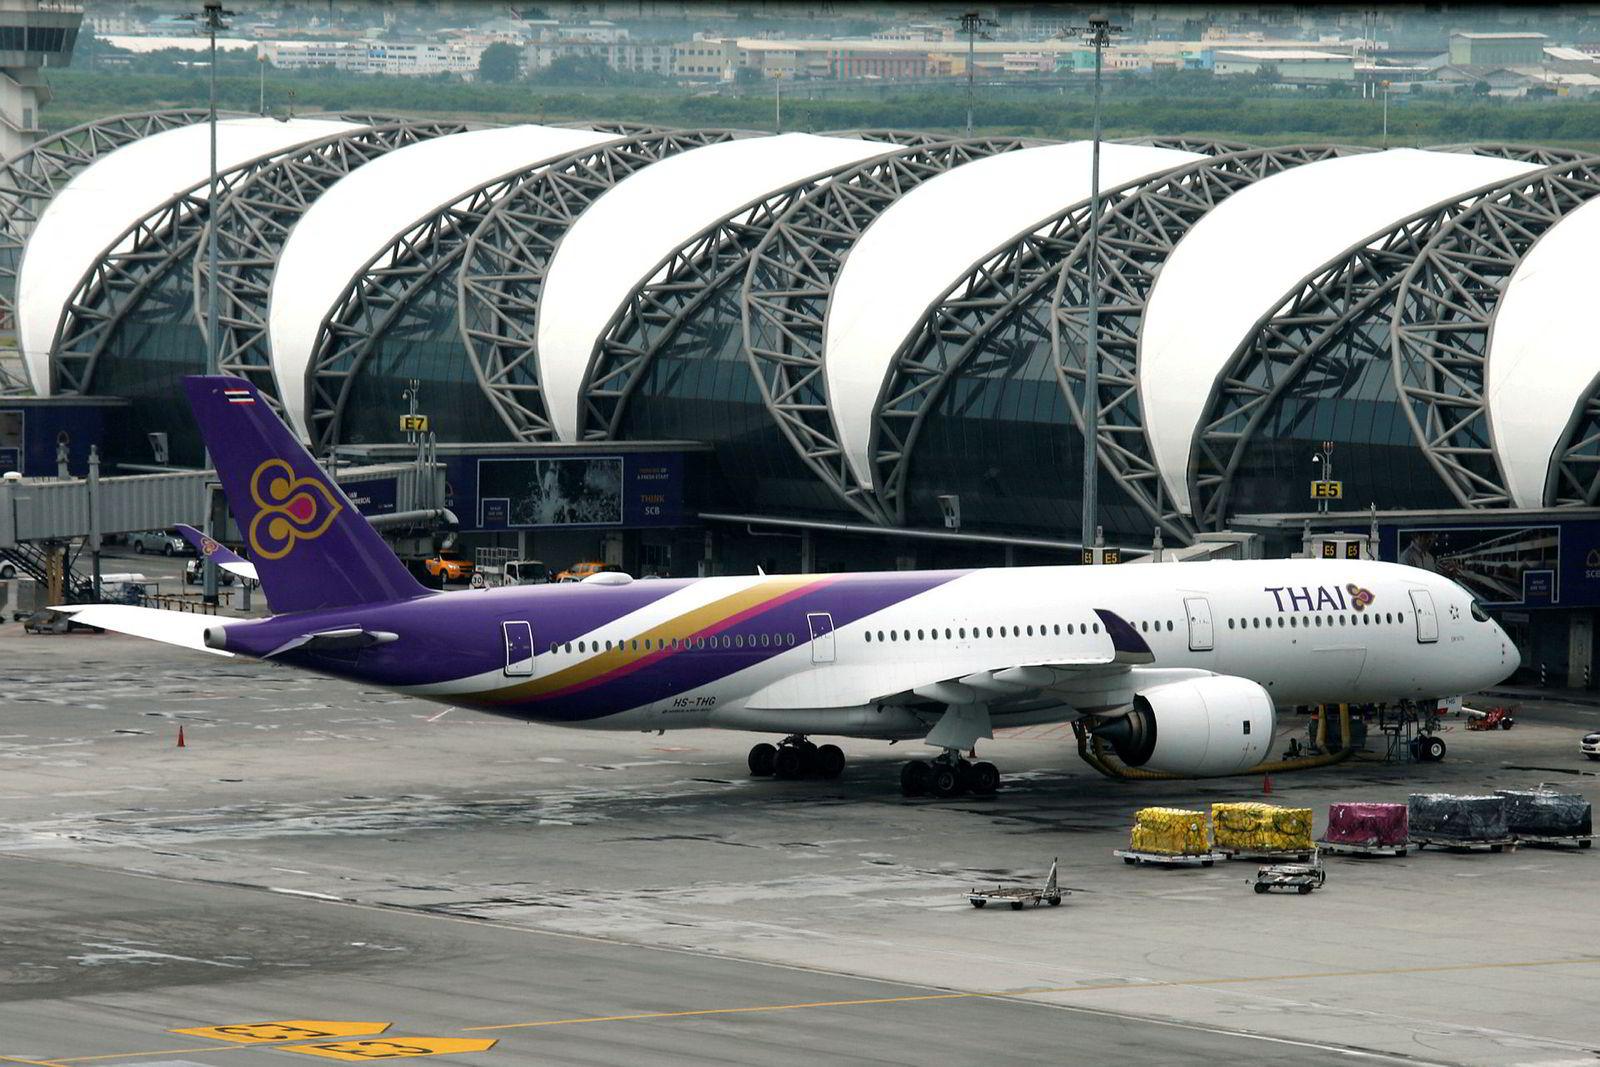 Thai Airways, som har hatt direkteflyvninger mellom Oslo og Bangkok, har gått med underskudd i mange år og har høy gjeld. Selskapet søker beskyttelse fra kreditorene i skifteretten for å redusere gjelden.